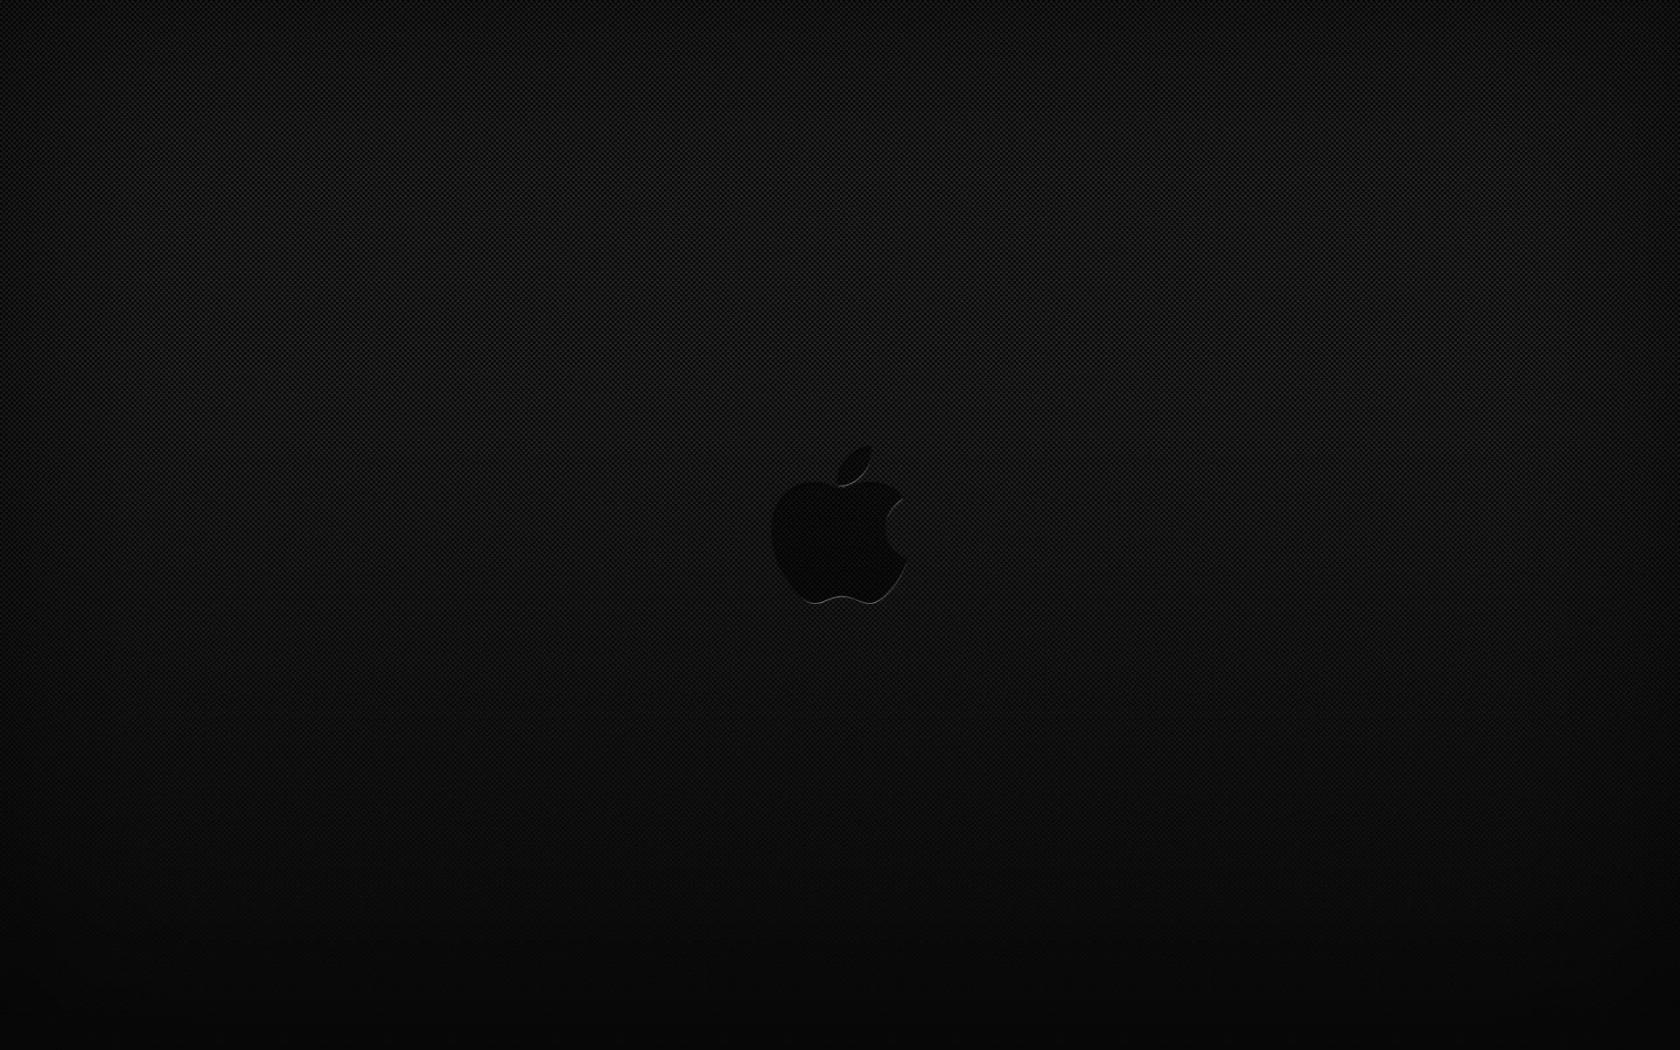 苹果手机个性壁纸_苹果手机星空壁纸 黑马素材网